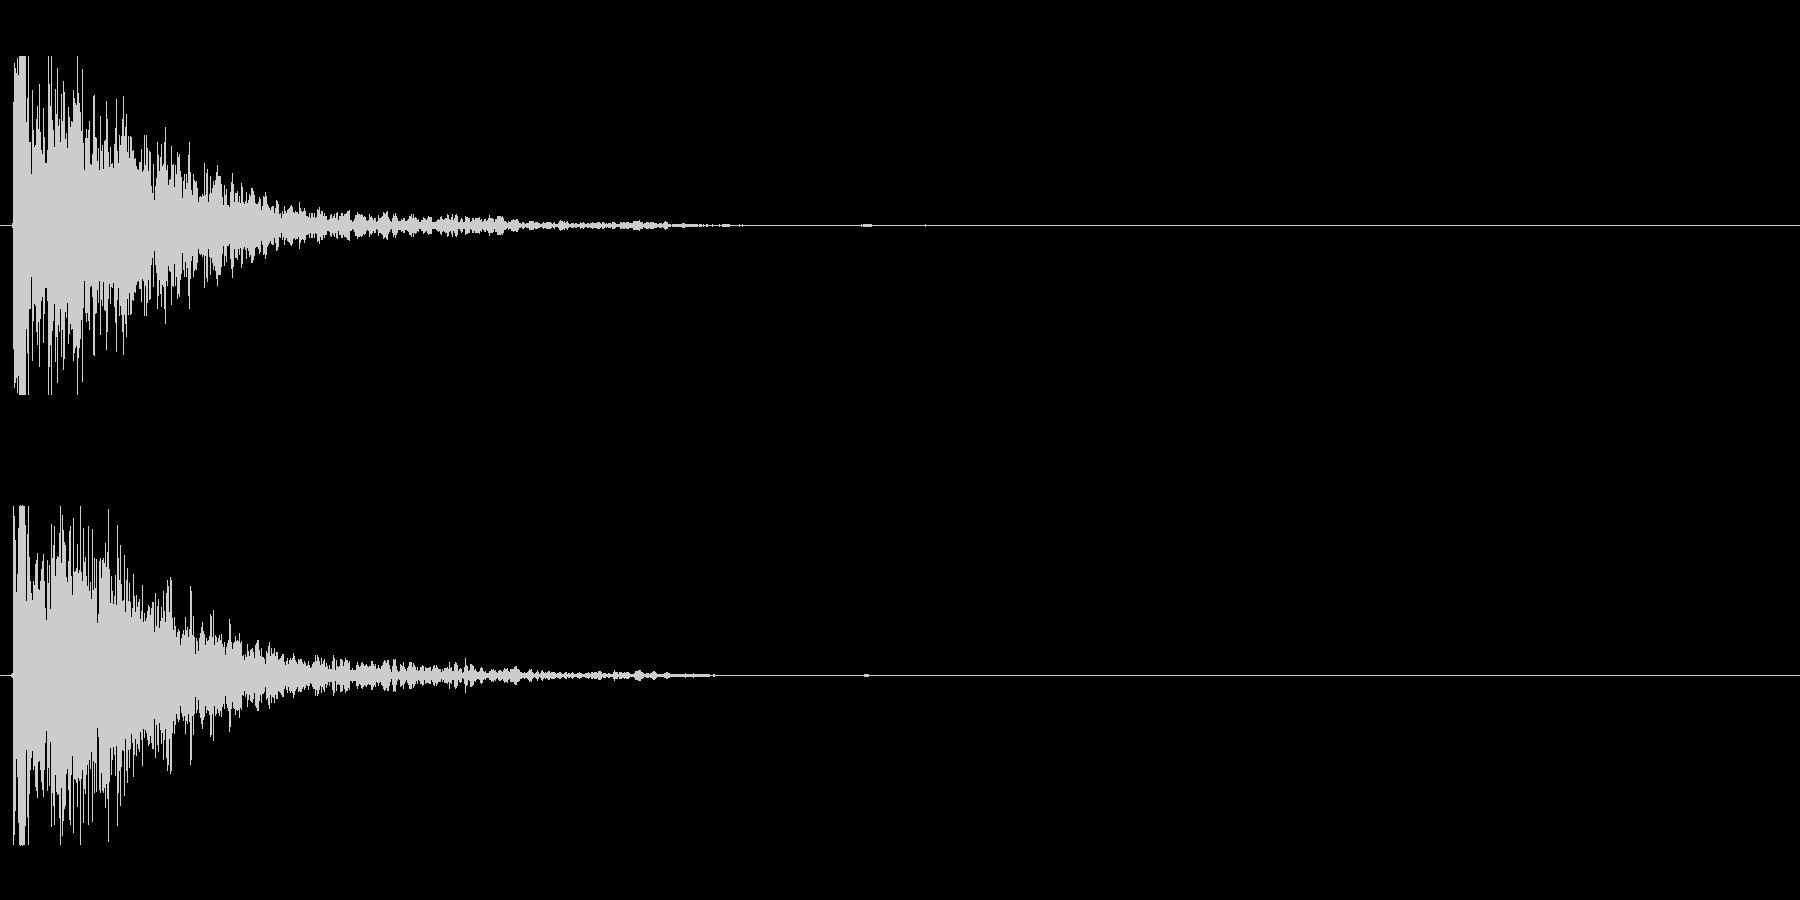 爆発;破片なし11の未再生の波形